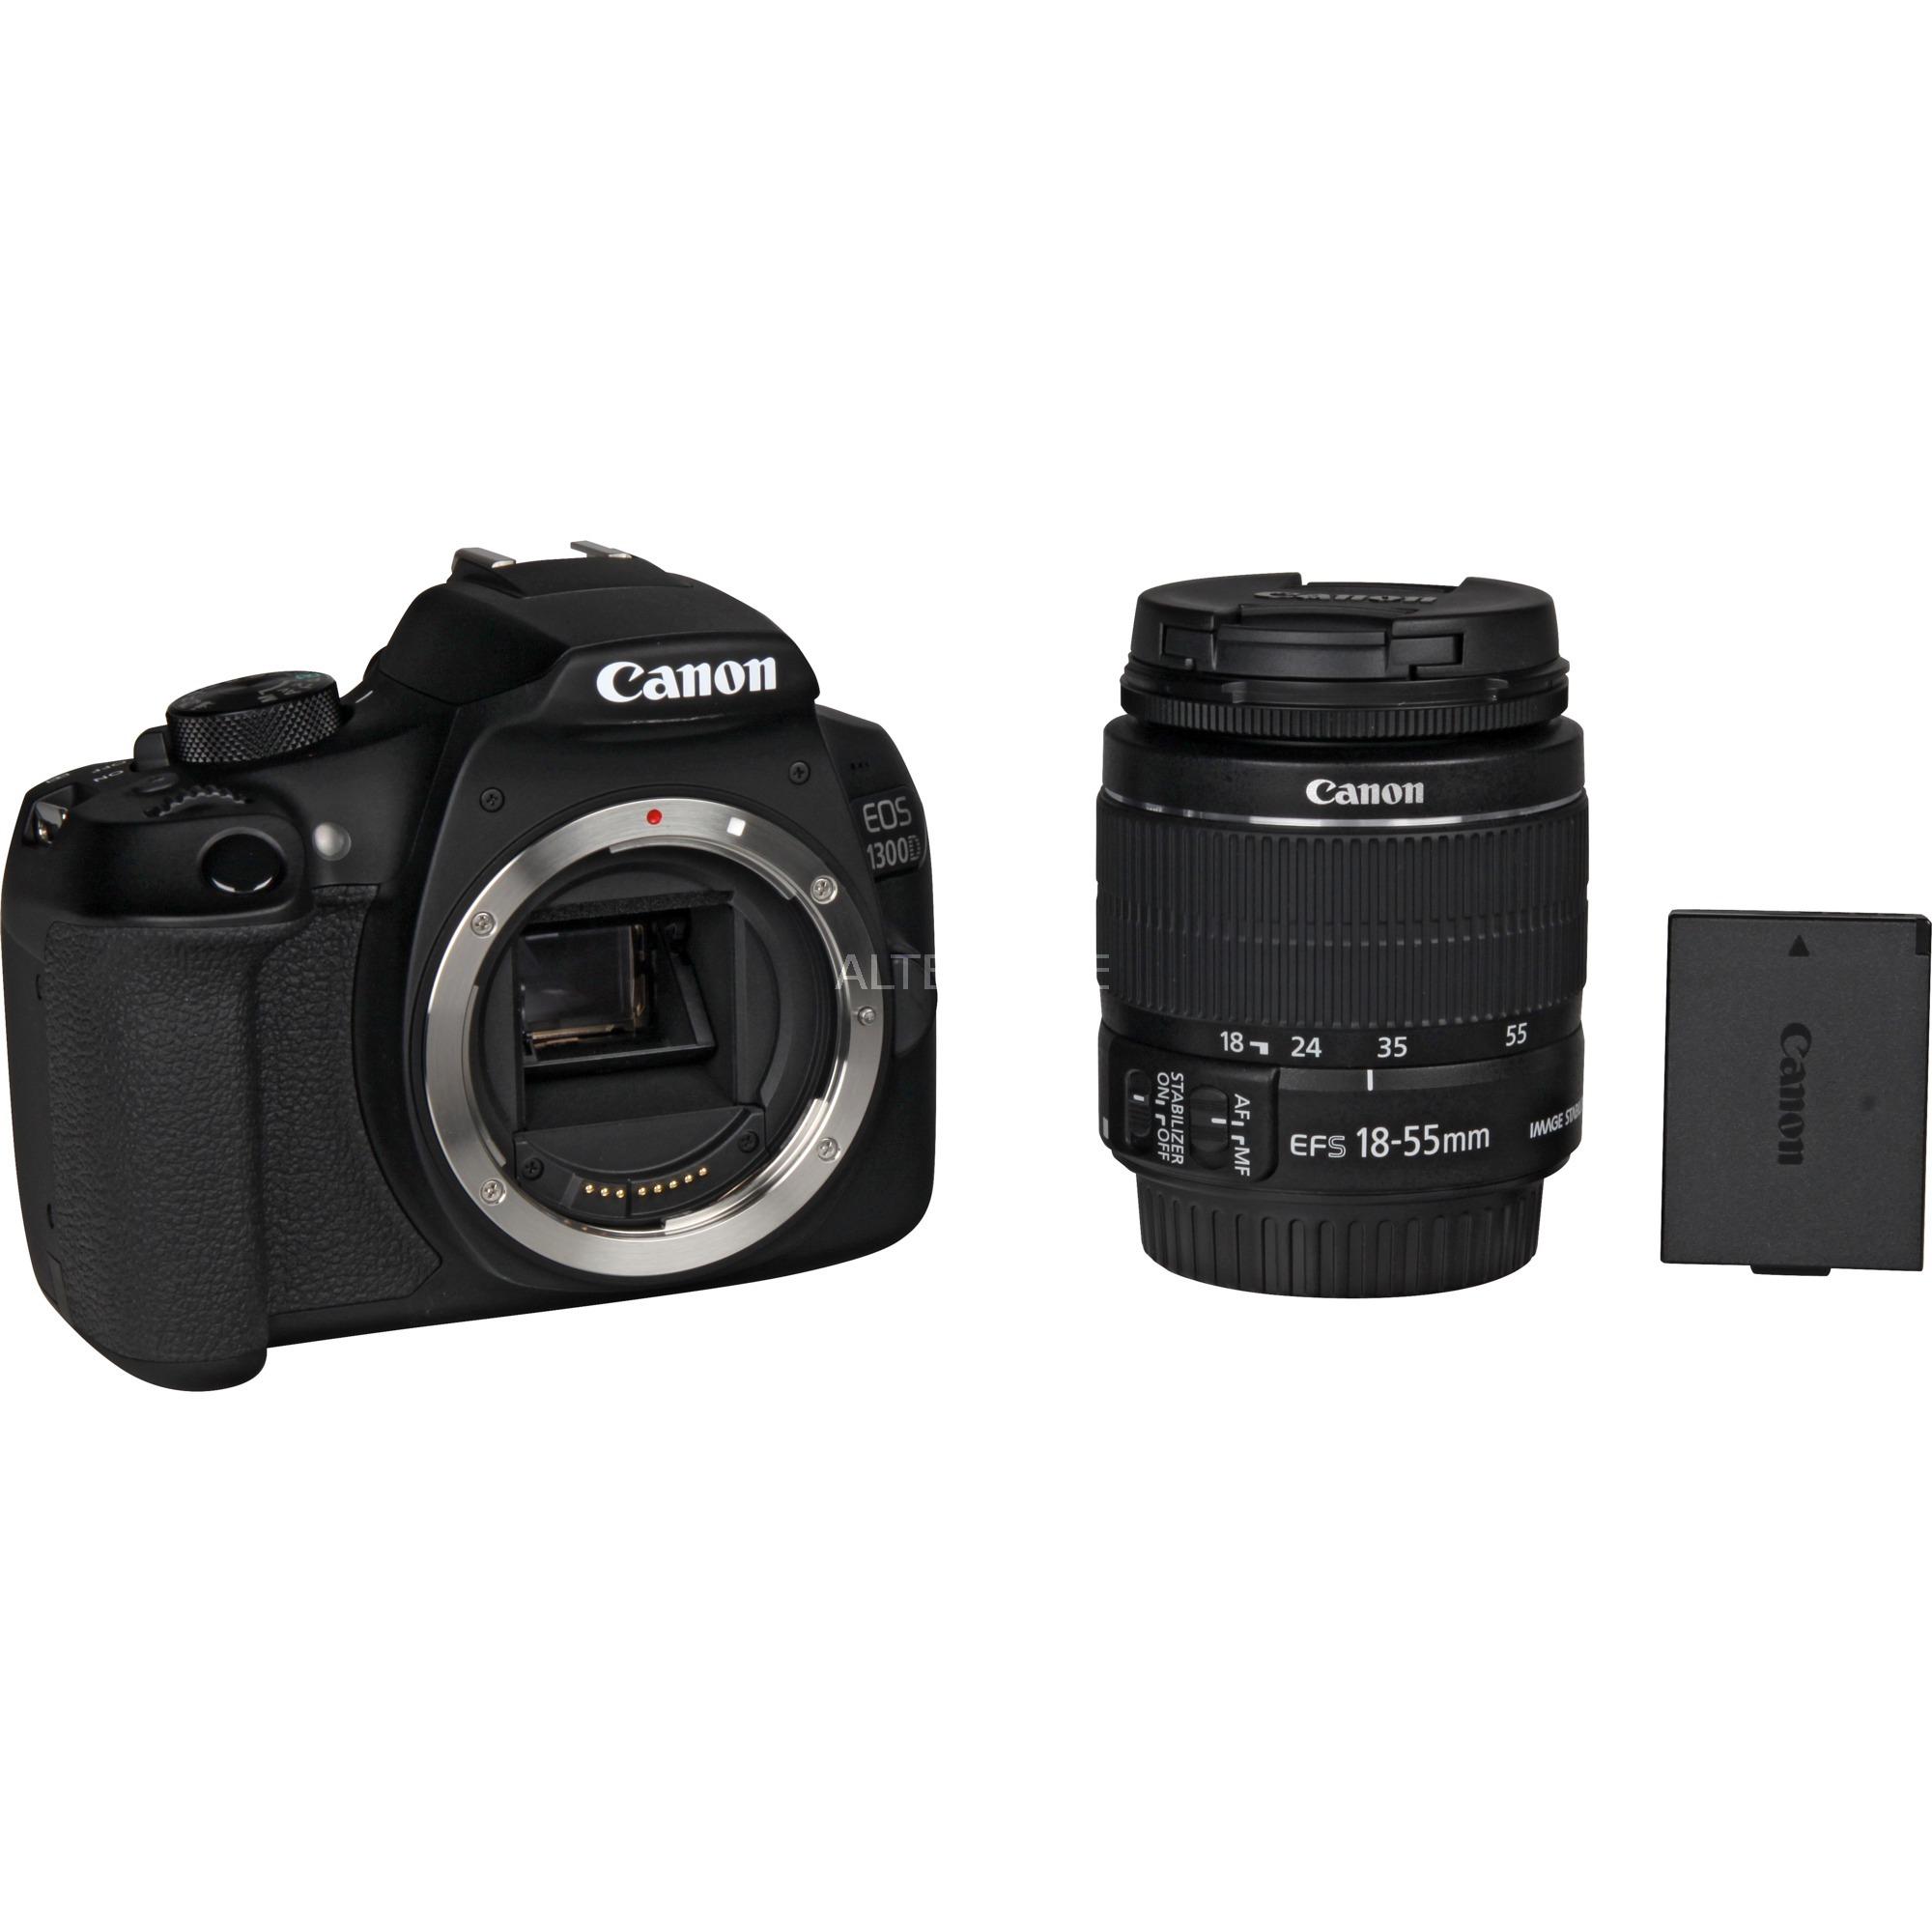 Canon Eos 1300d Kit 18 55 Is Ii Digitalkamera Schwarz Inkl Iii Objektiv Und 2 Akku